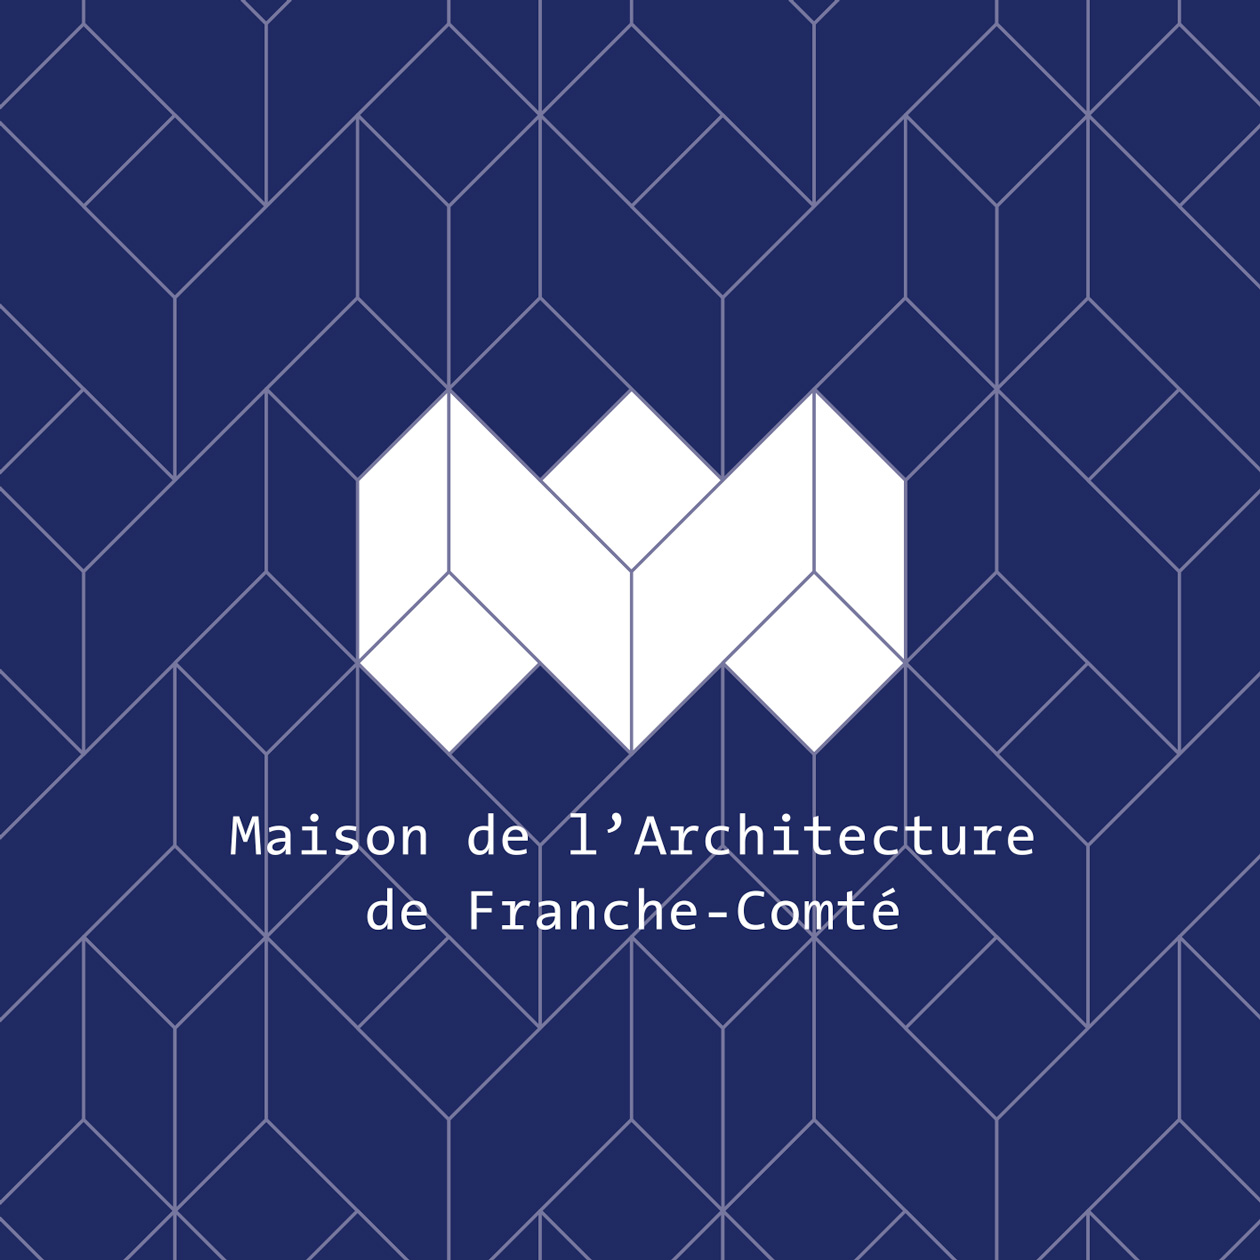 Pascaline Minella | Maison de l'architecture de Franche-Comté